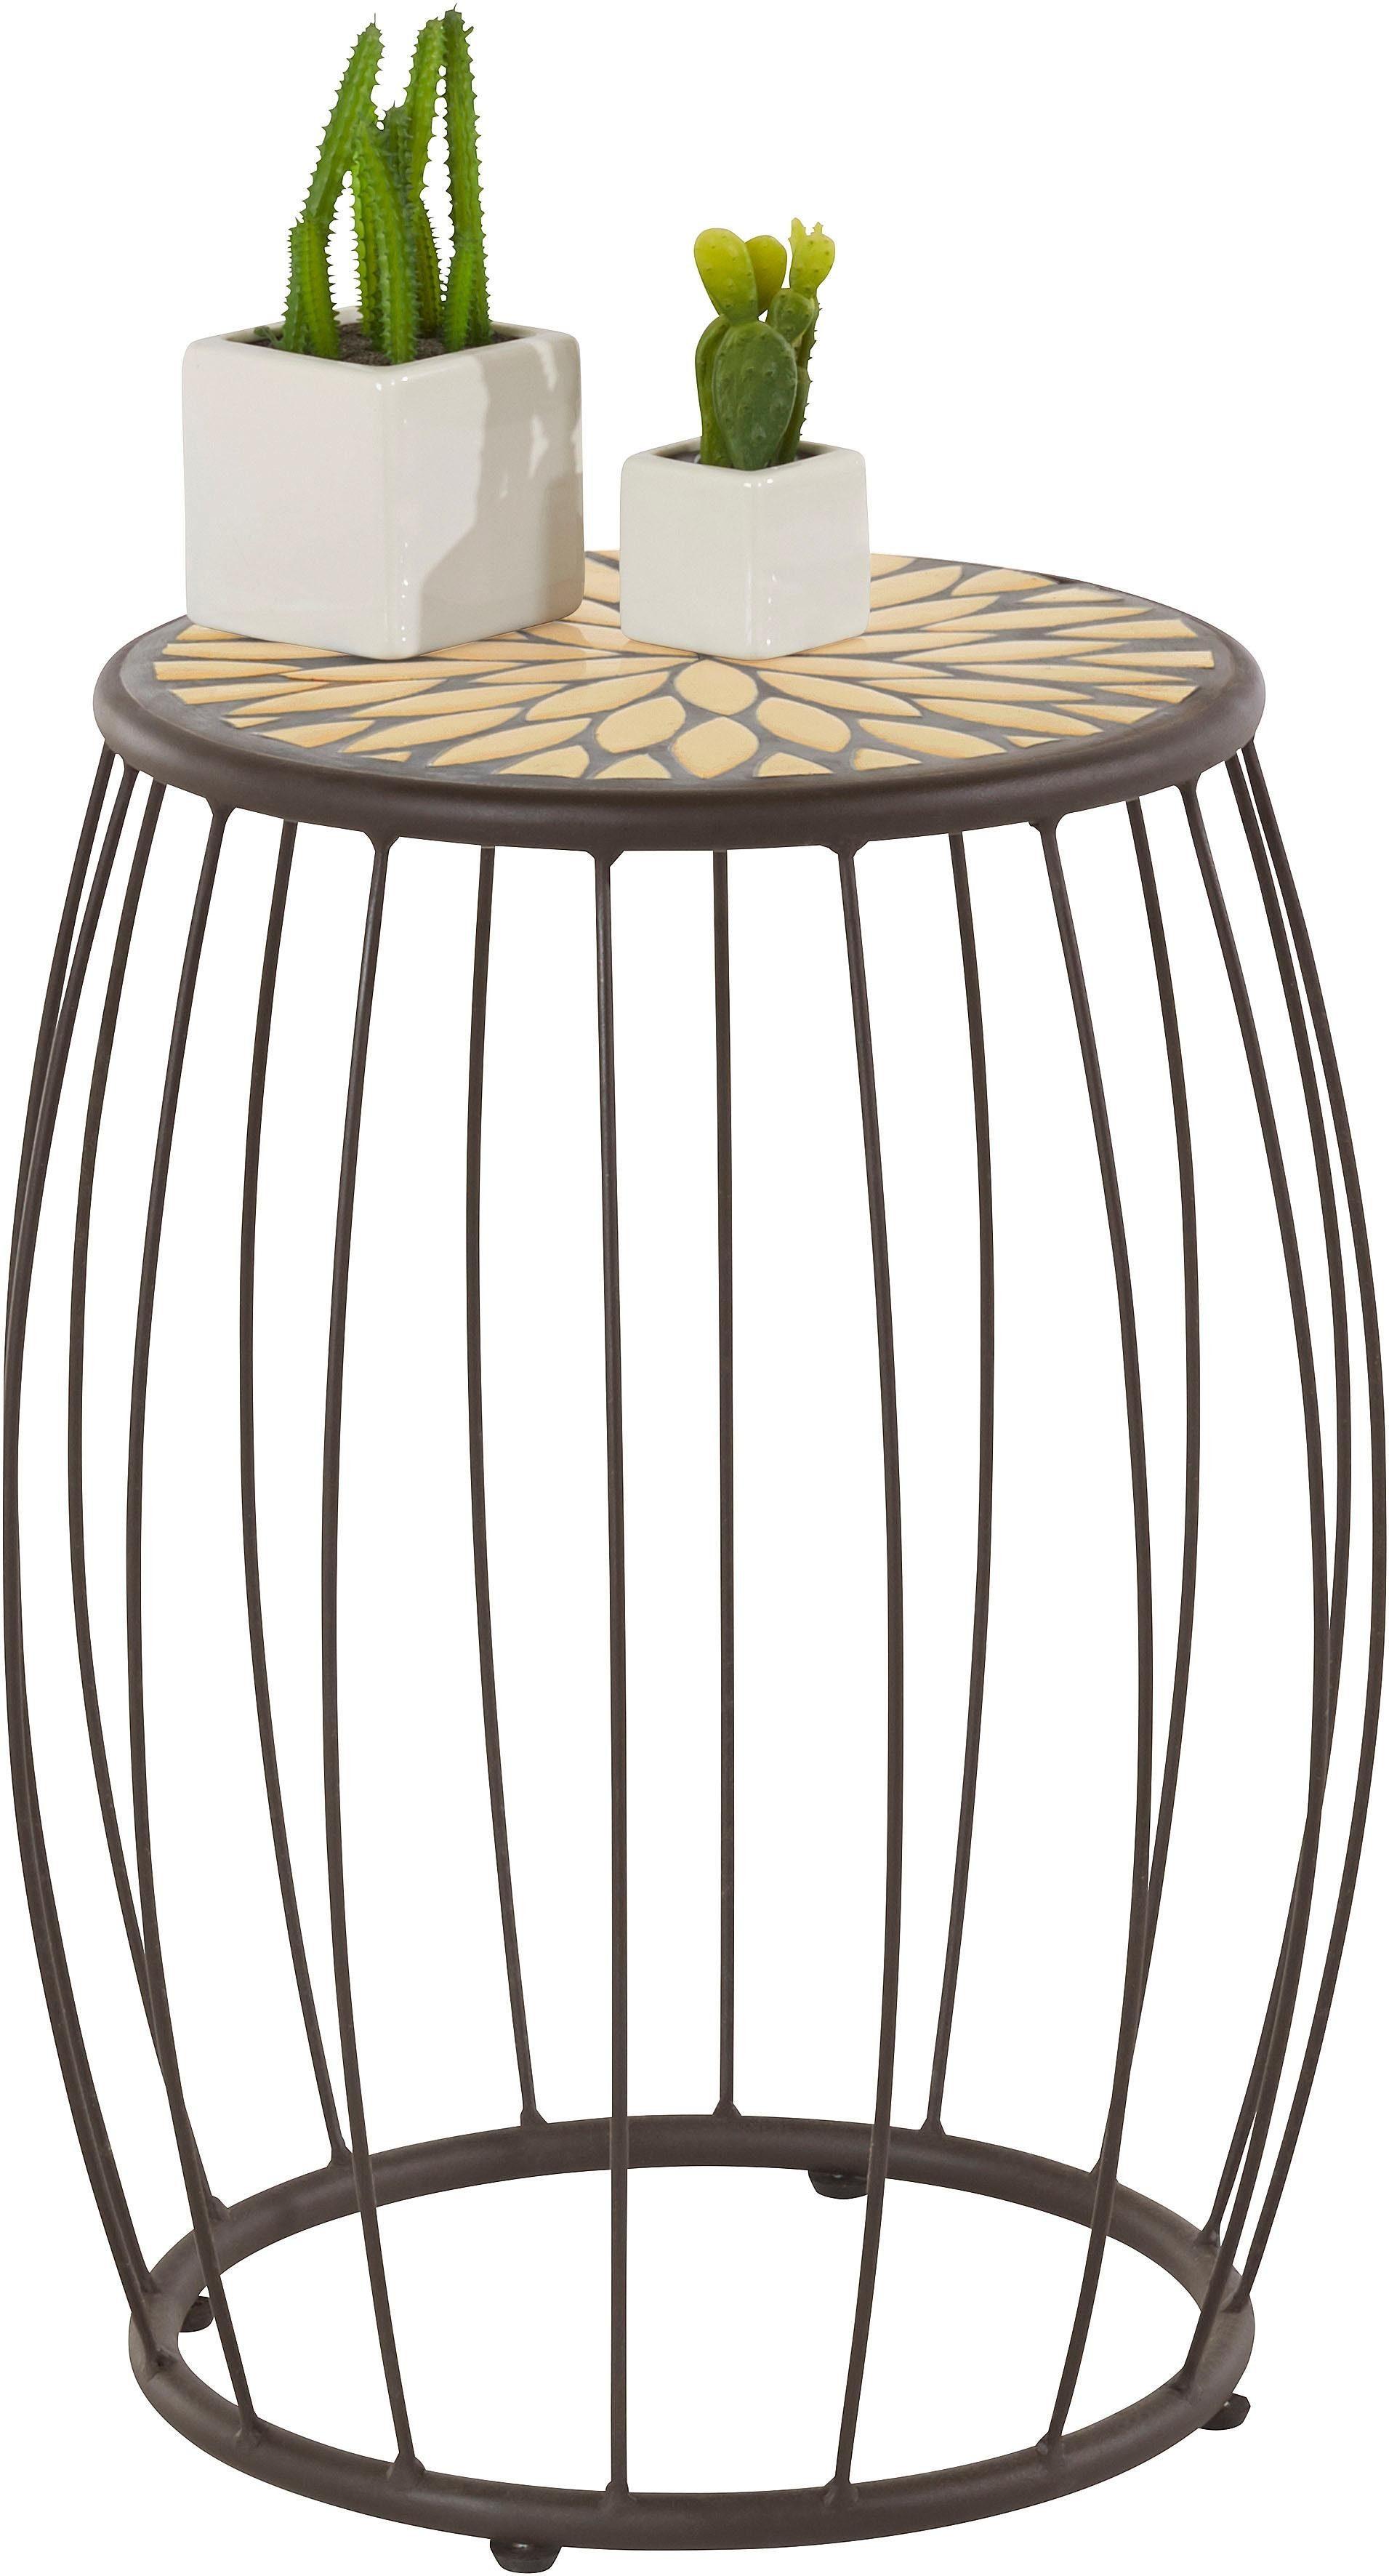 Home affaire Beistelltisch mit Mosaik-Keramiktischplatte